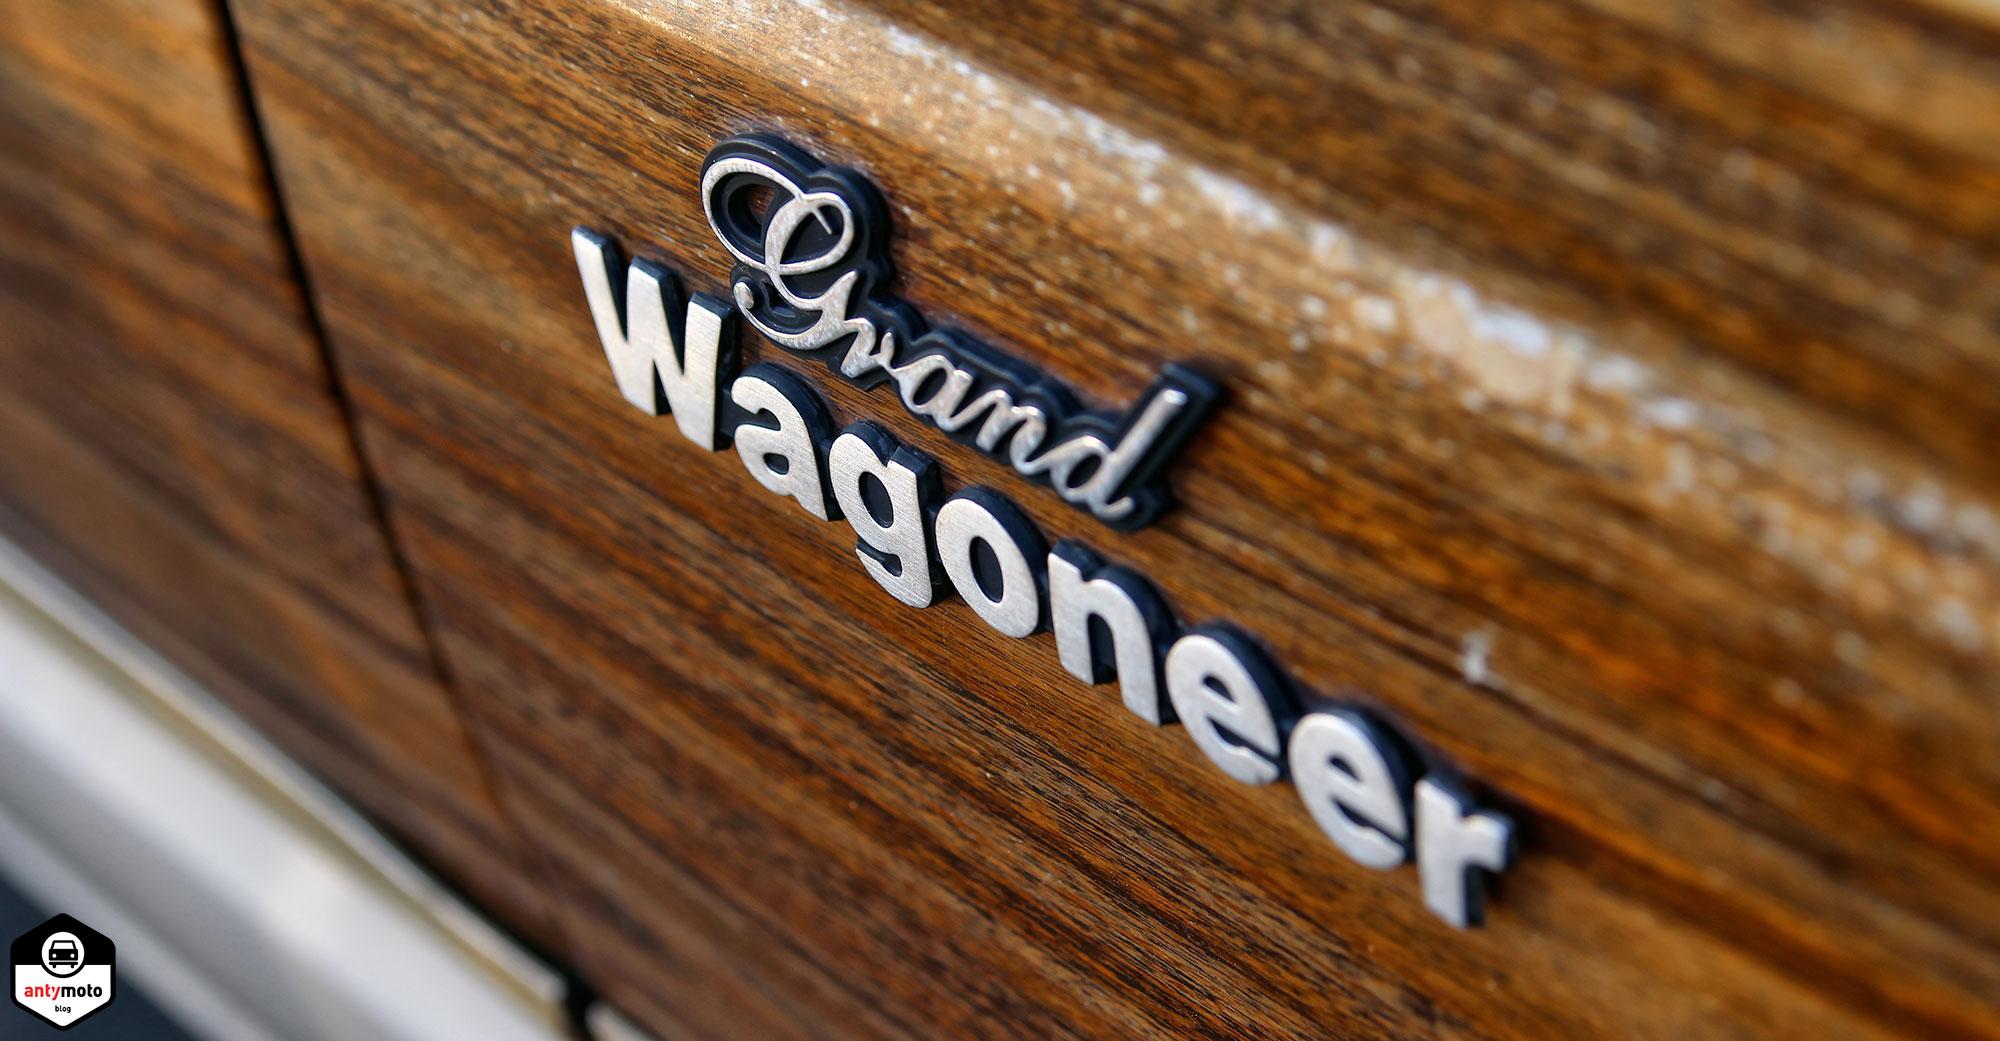 Grand Wagoneer